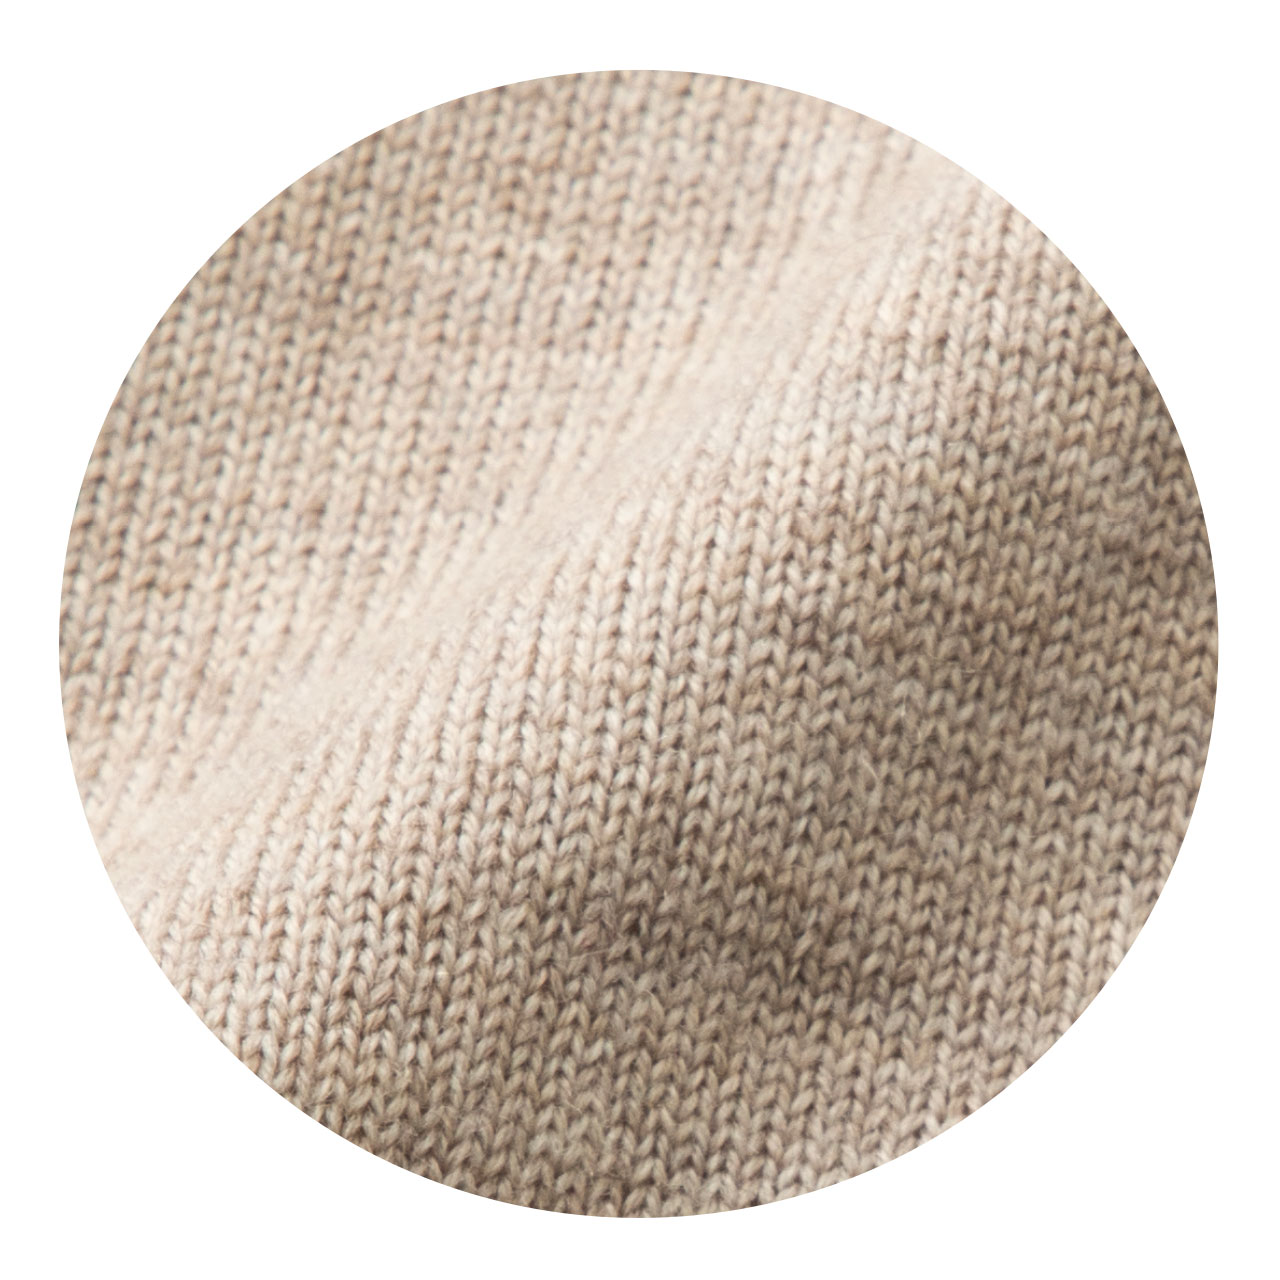 国産ニットサキハナロングカーディガン画像